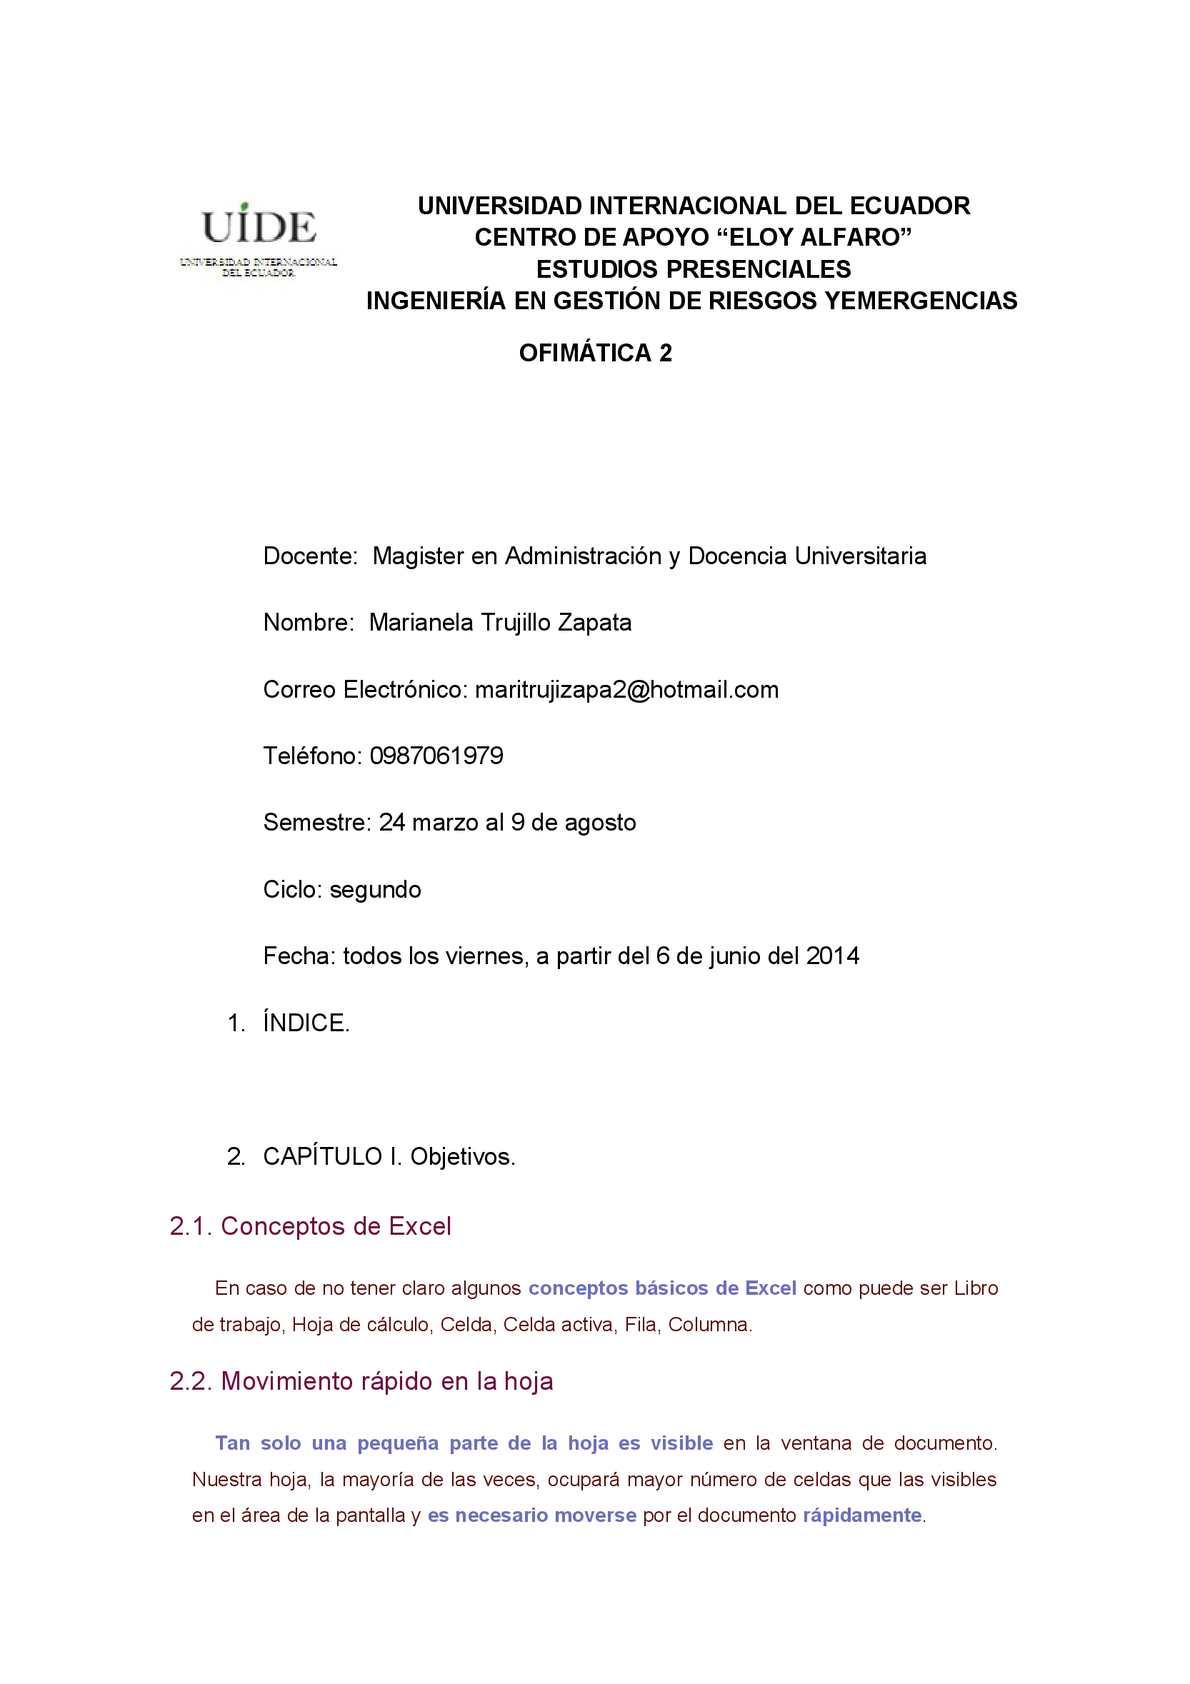 Calaméo - Ofimatica 2